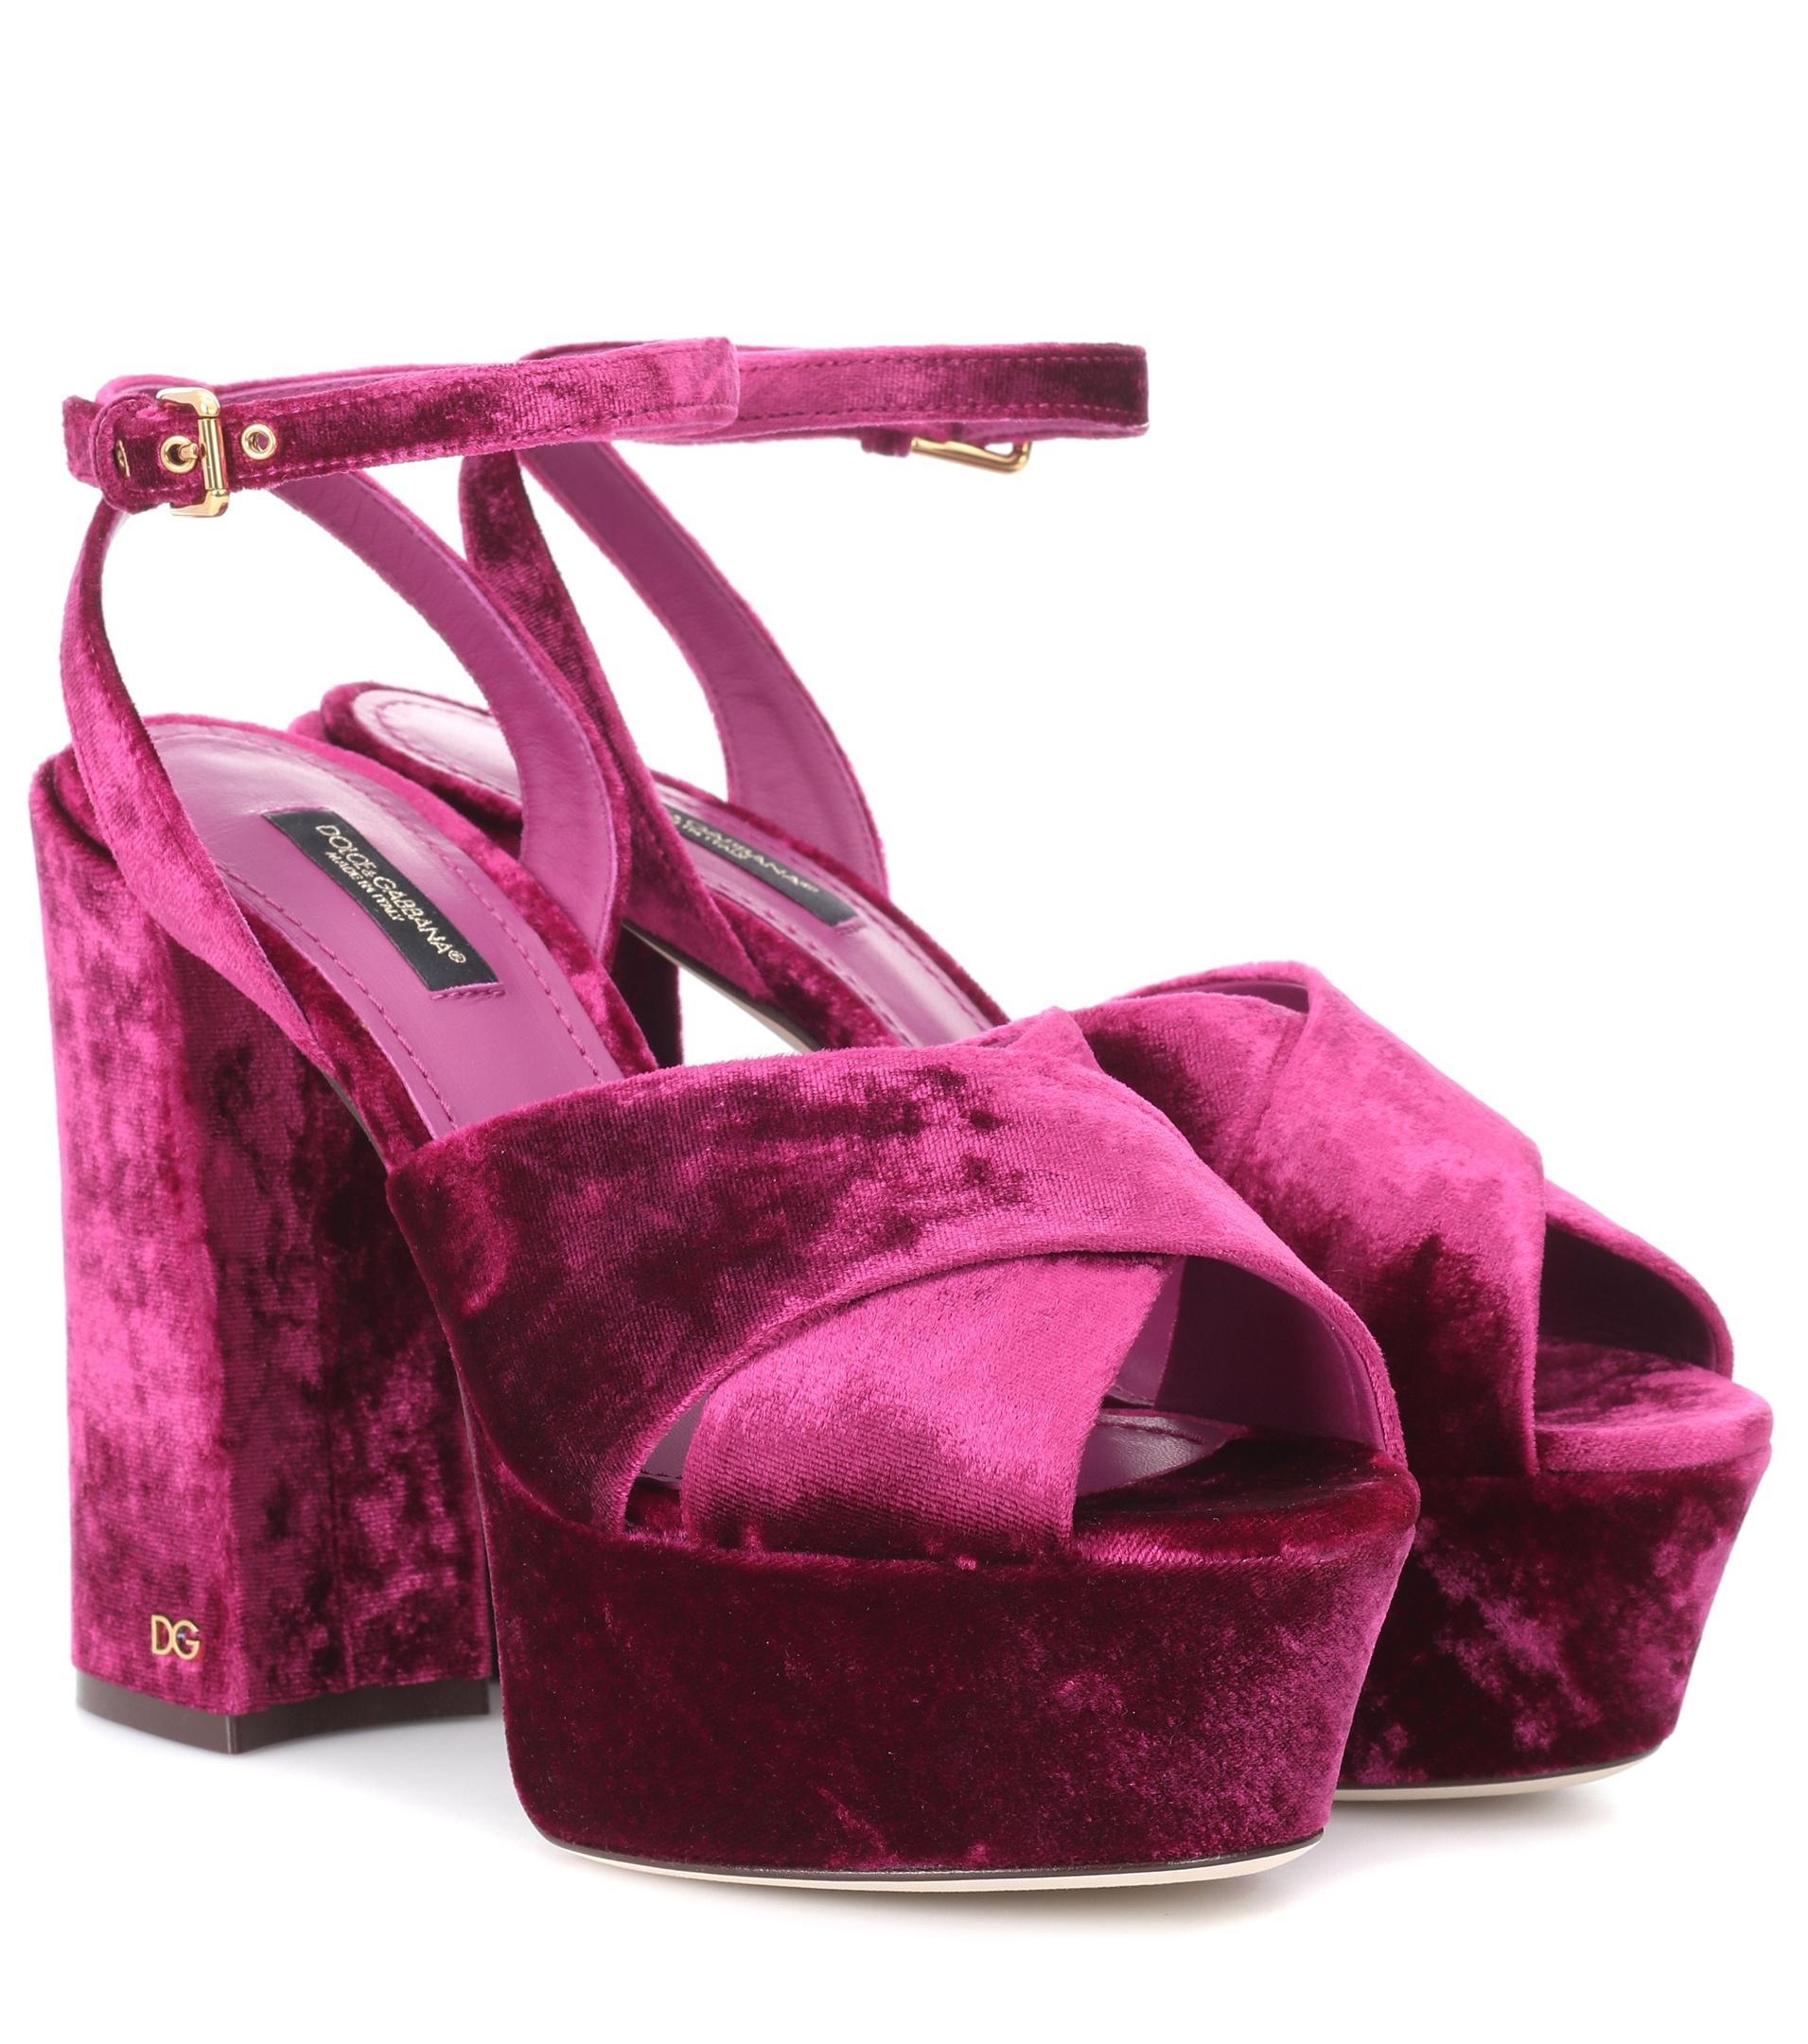 Keira Sandales Plateau De Velours Dolce & Gabbana OyNu74YB